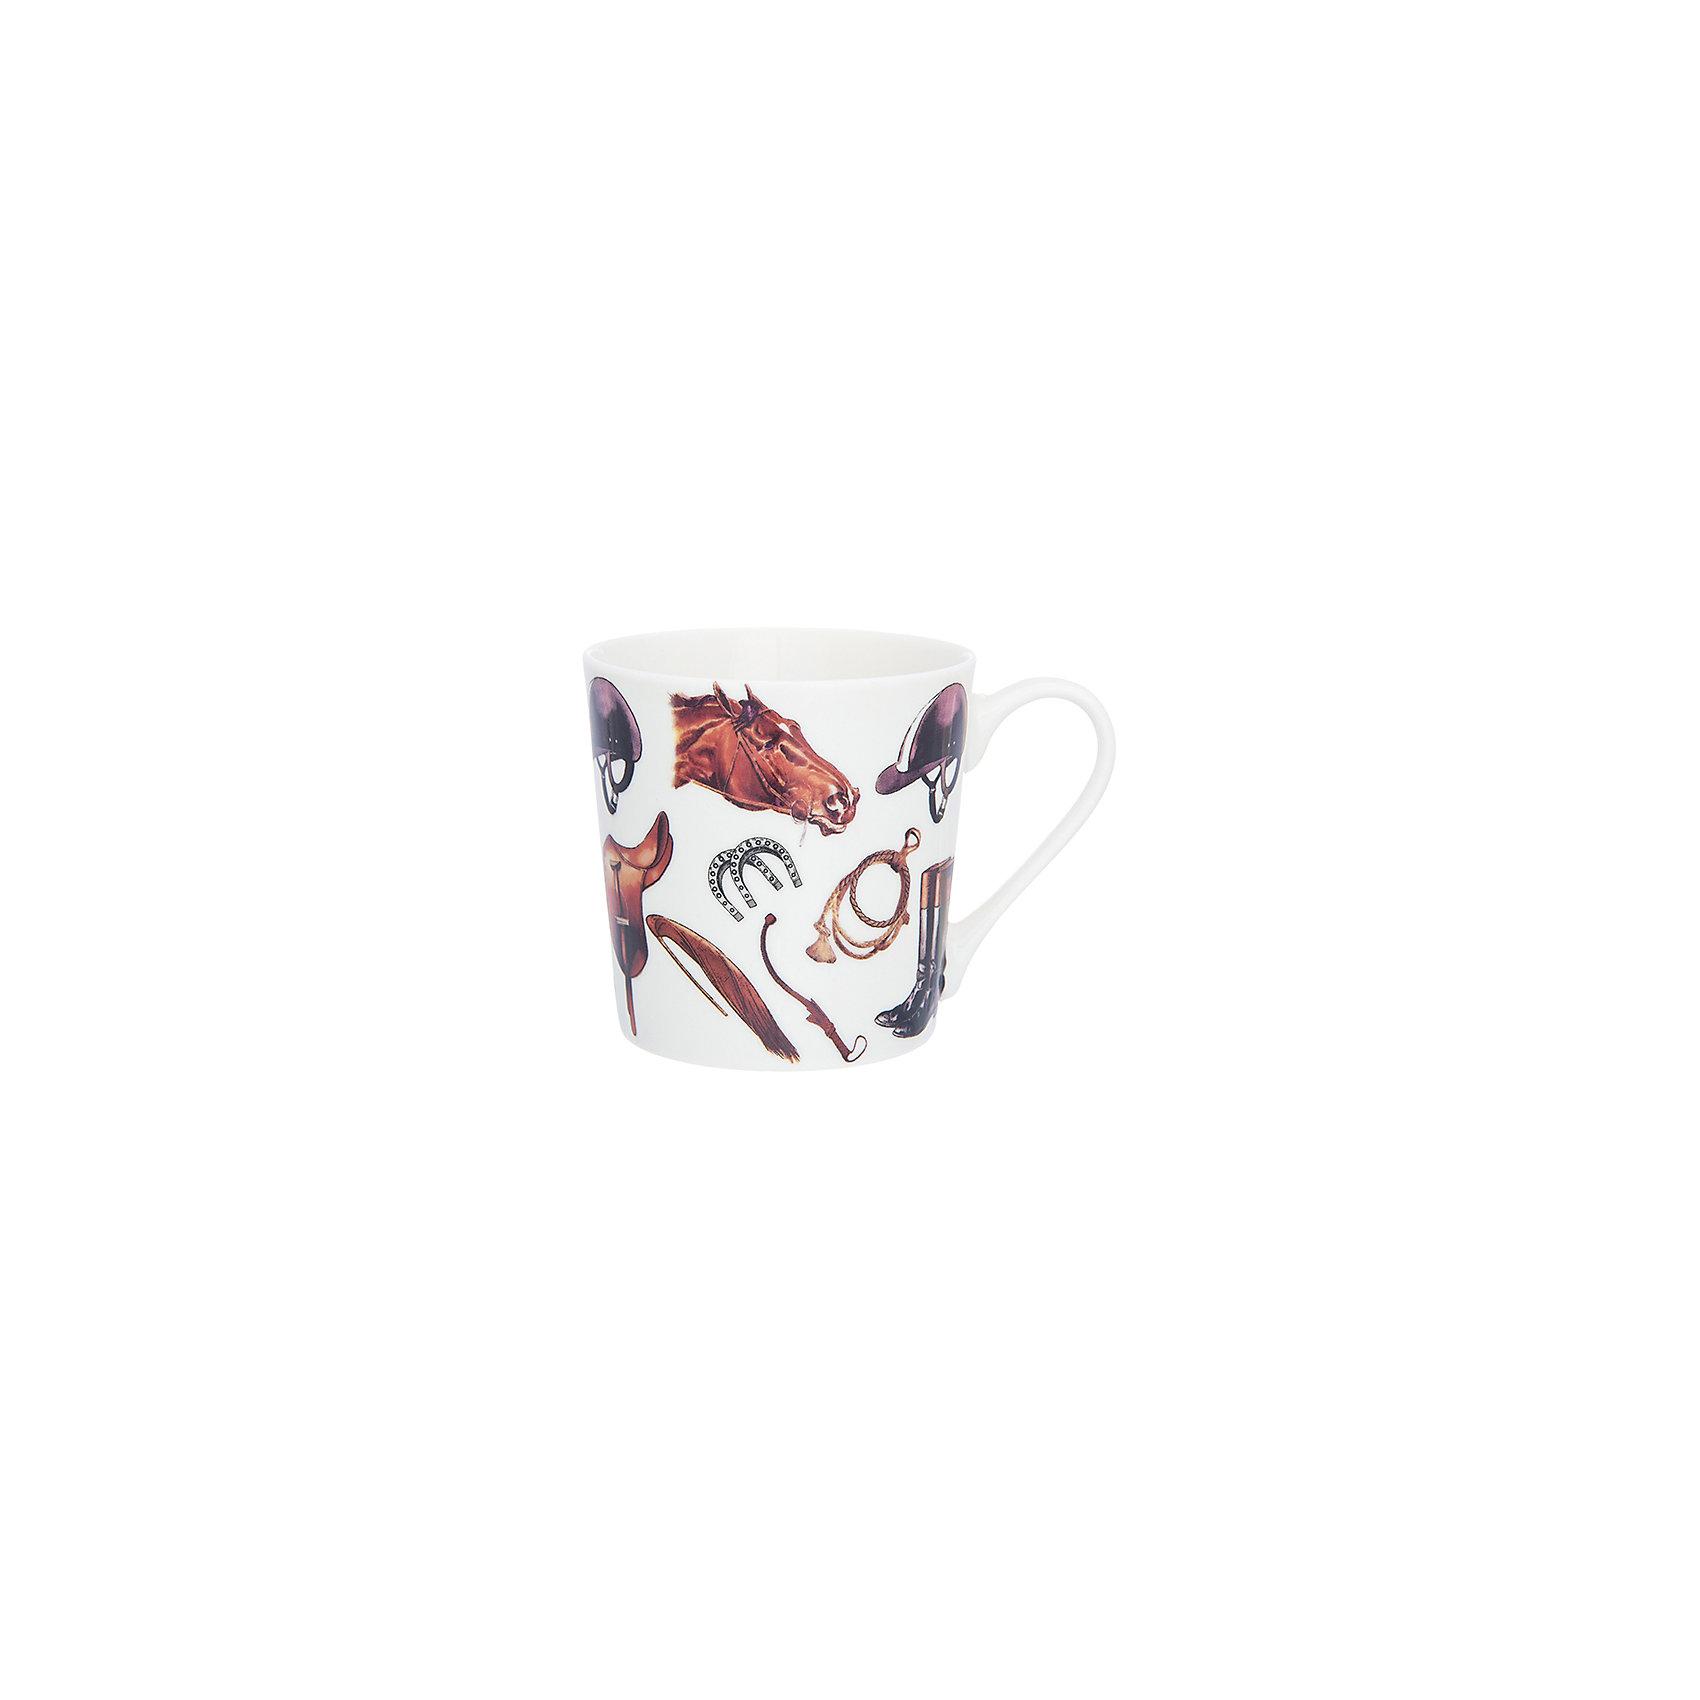 Кружка 400 мл Верховая езда, Elan GalleryПосуда<br>Кружка 400 мл  Elan Gallery 12,5*9*9 см. Верховая езда, Elan Gallery Кружка классической формы объемом 400 мл с удобной ручкой. Подходят для любых горячих и холодных напитков, чая, кофе, какао. Изделие имеет подарочную упаковку, поэтому станет желанным подарком для Ваших близких! Не рекомендуется применять абразивные моющие средства.<br><br>Ширина мм: 122<br>Глубина мм: 100<br>Высота мм: 100<br>Вес г: 311<br>Возраст от месяцев: 0<br>Возраст до месяцев: 1188<br>Пол: Унисекс<br>Возраст: Детский<br>SKU: 6668873